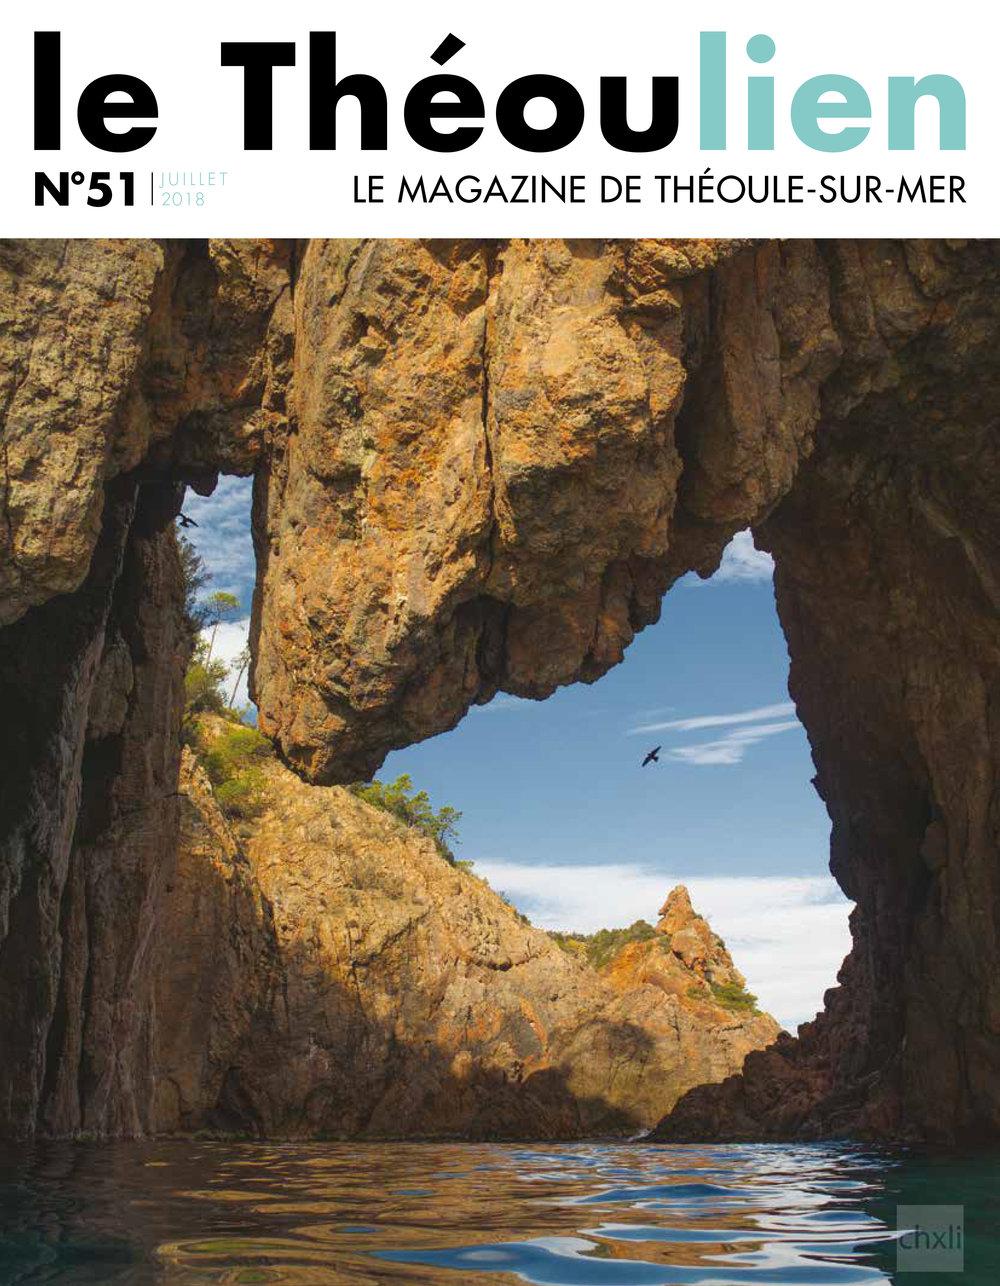 Le Théoulien magazine cover